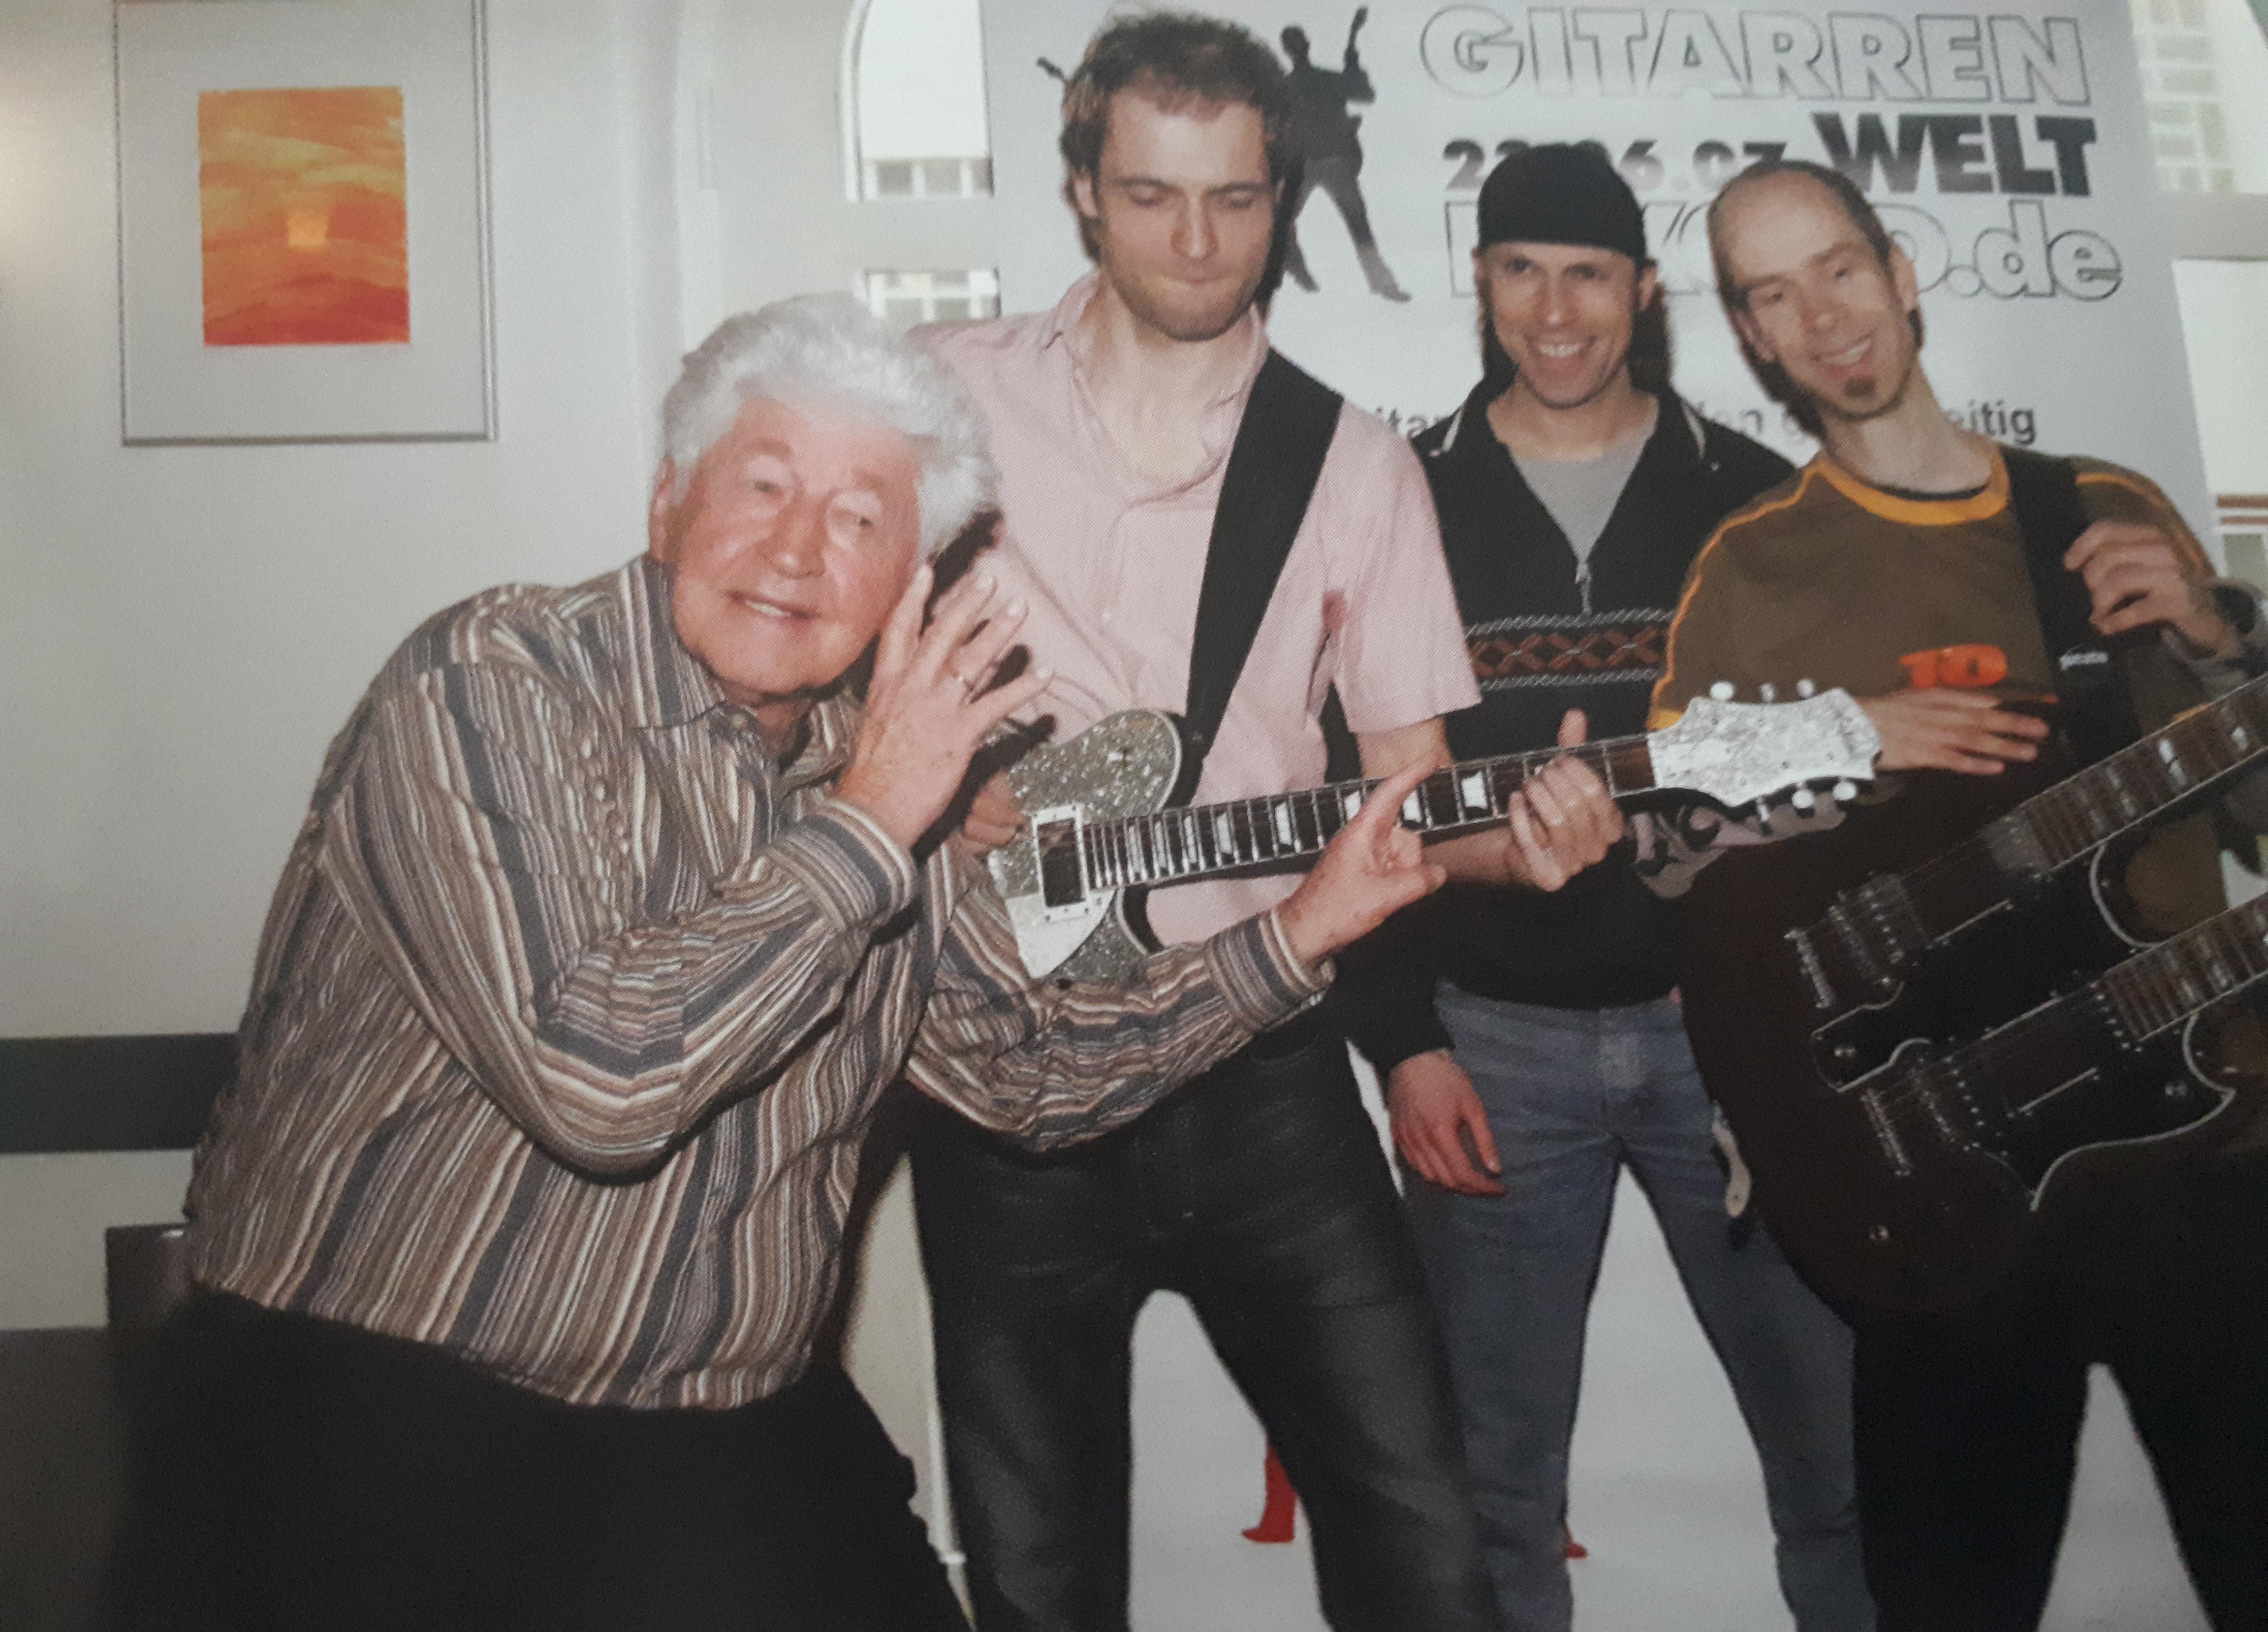 Bei einem Pressetermin für den Gitarrenweltrekord (2007)